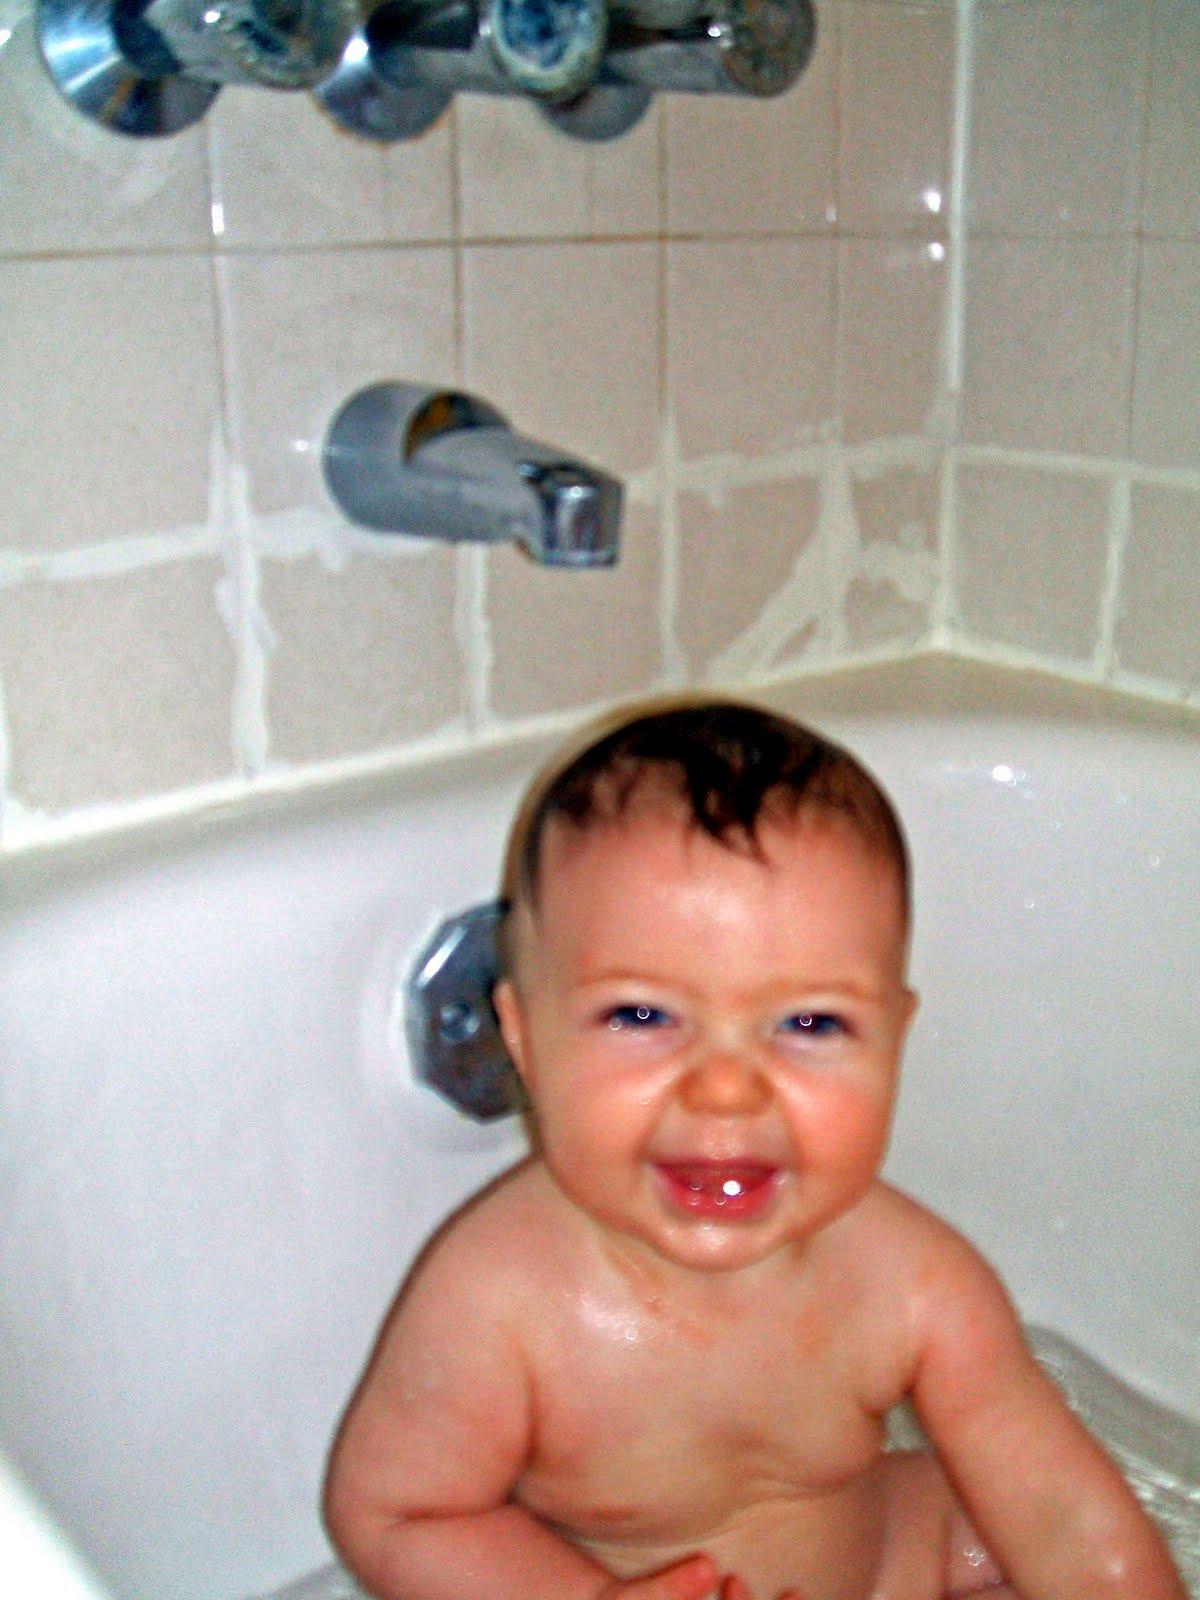 Baby Blog Big Boys In The Bath Boy Bathroom - Woody Nody